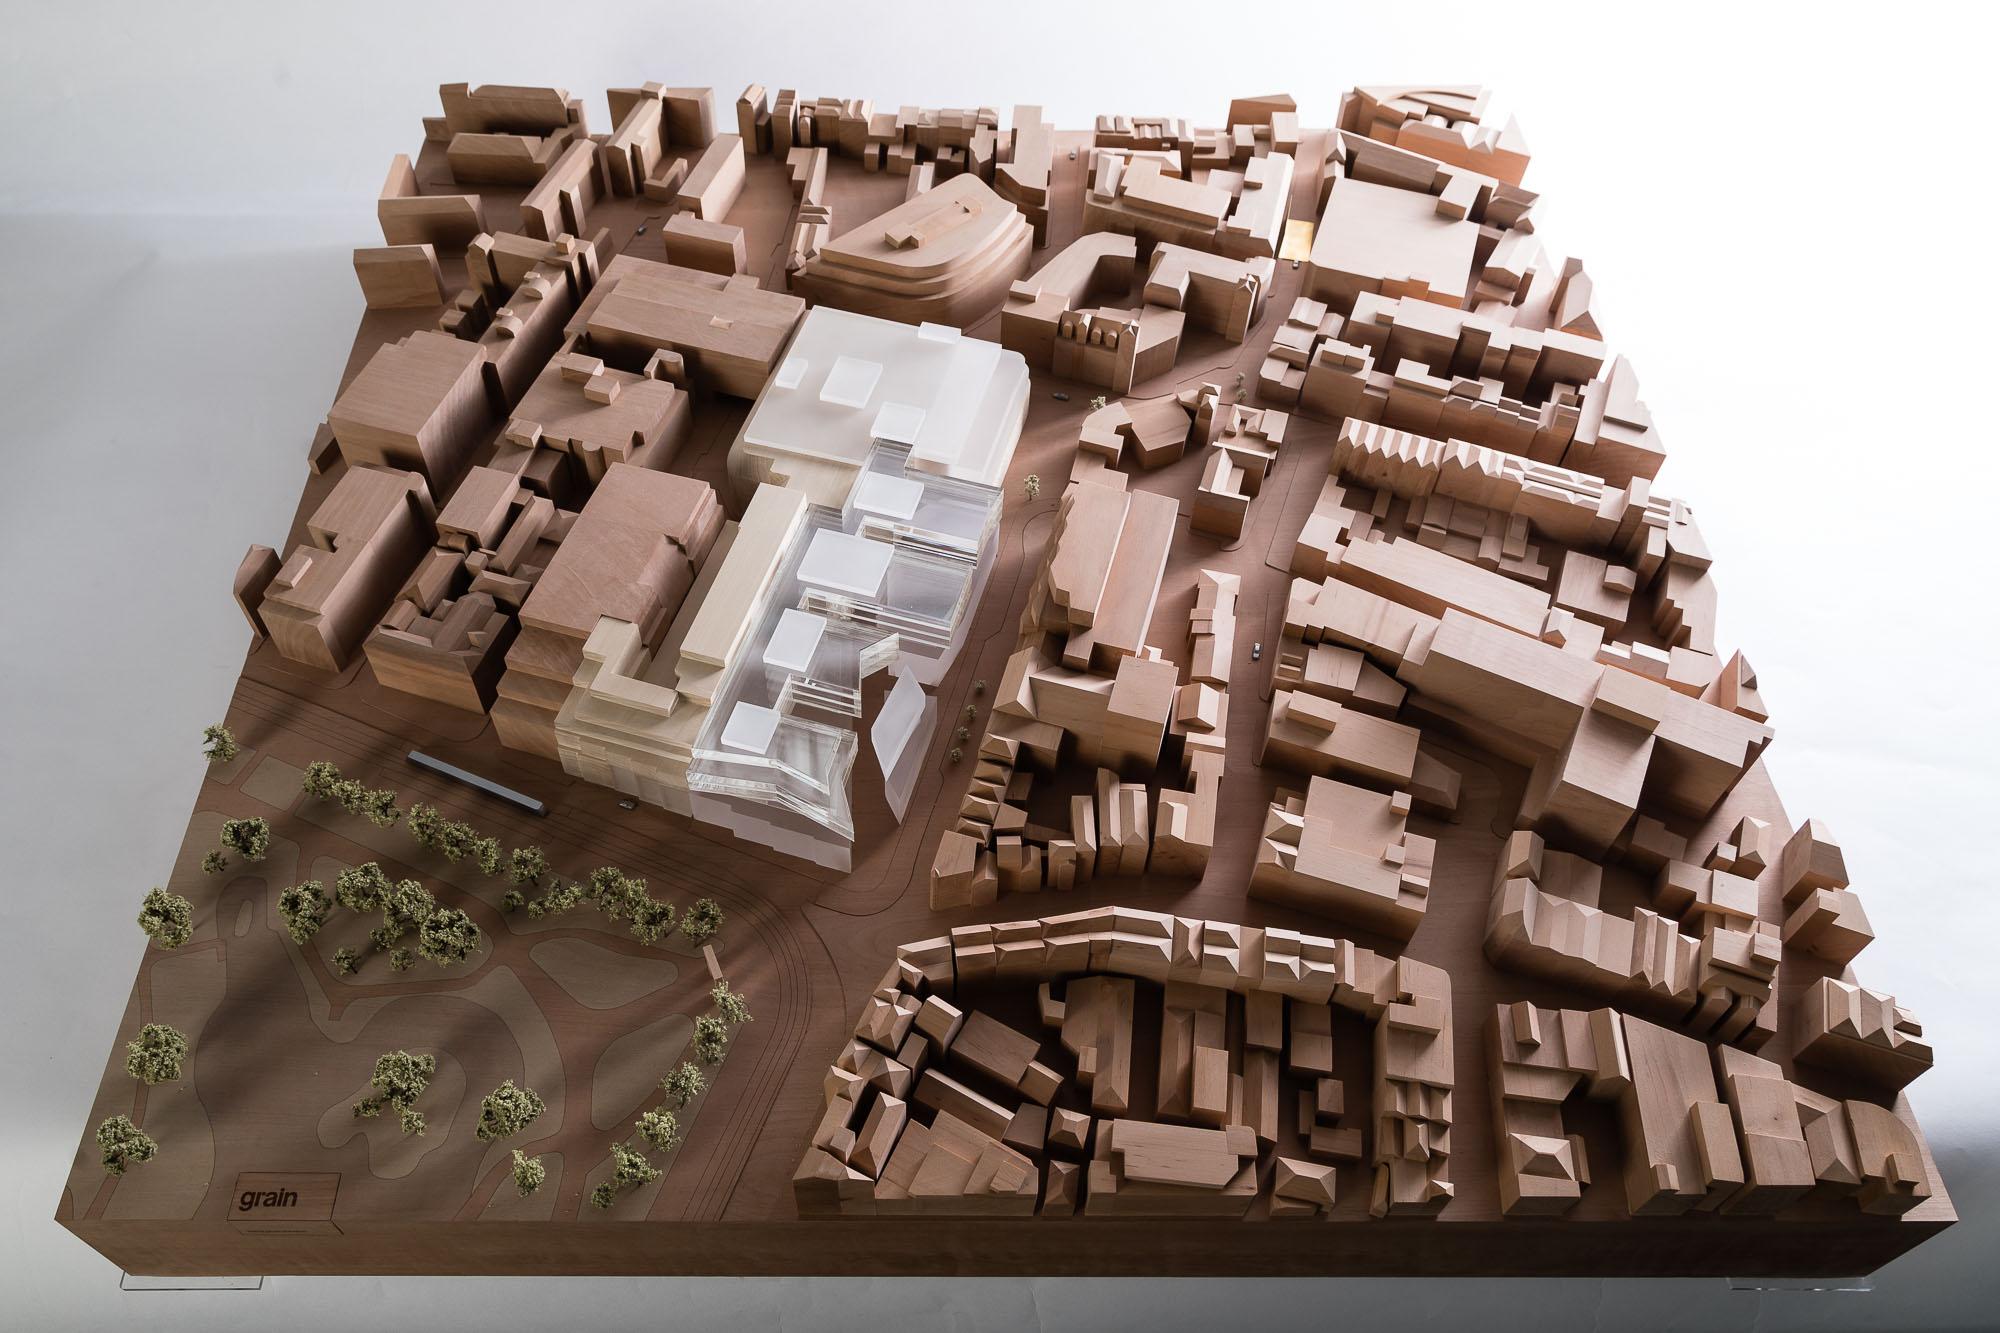 180328 GRAIN London Workshop 158.jpg